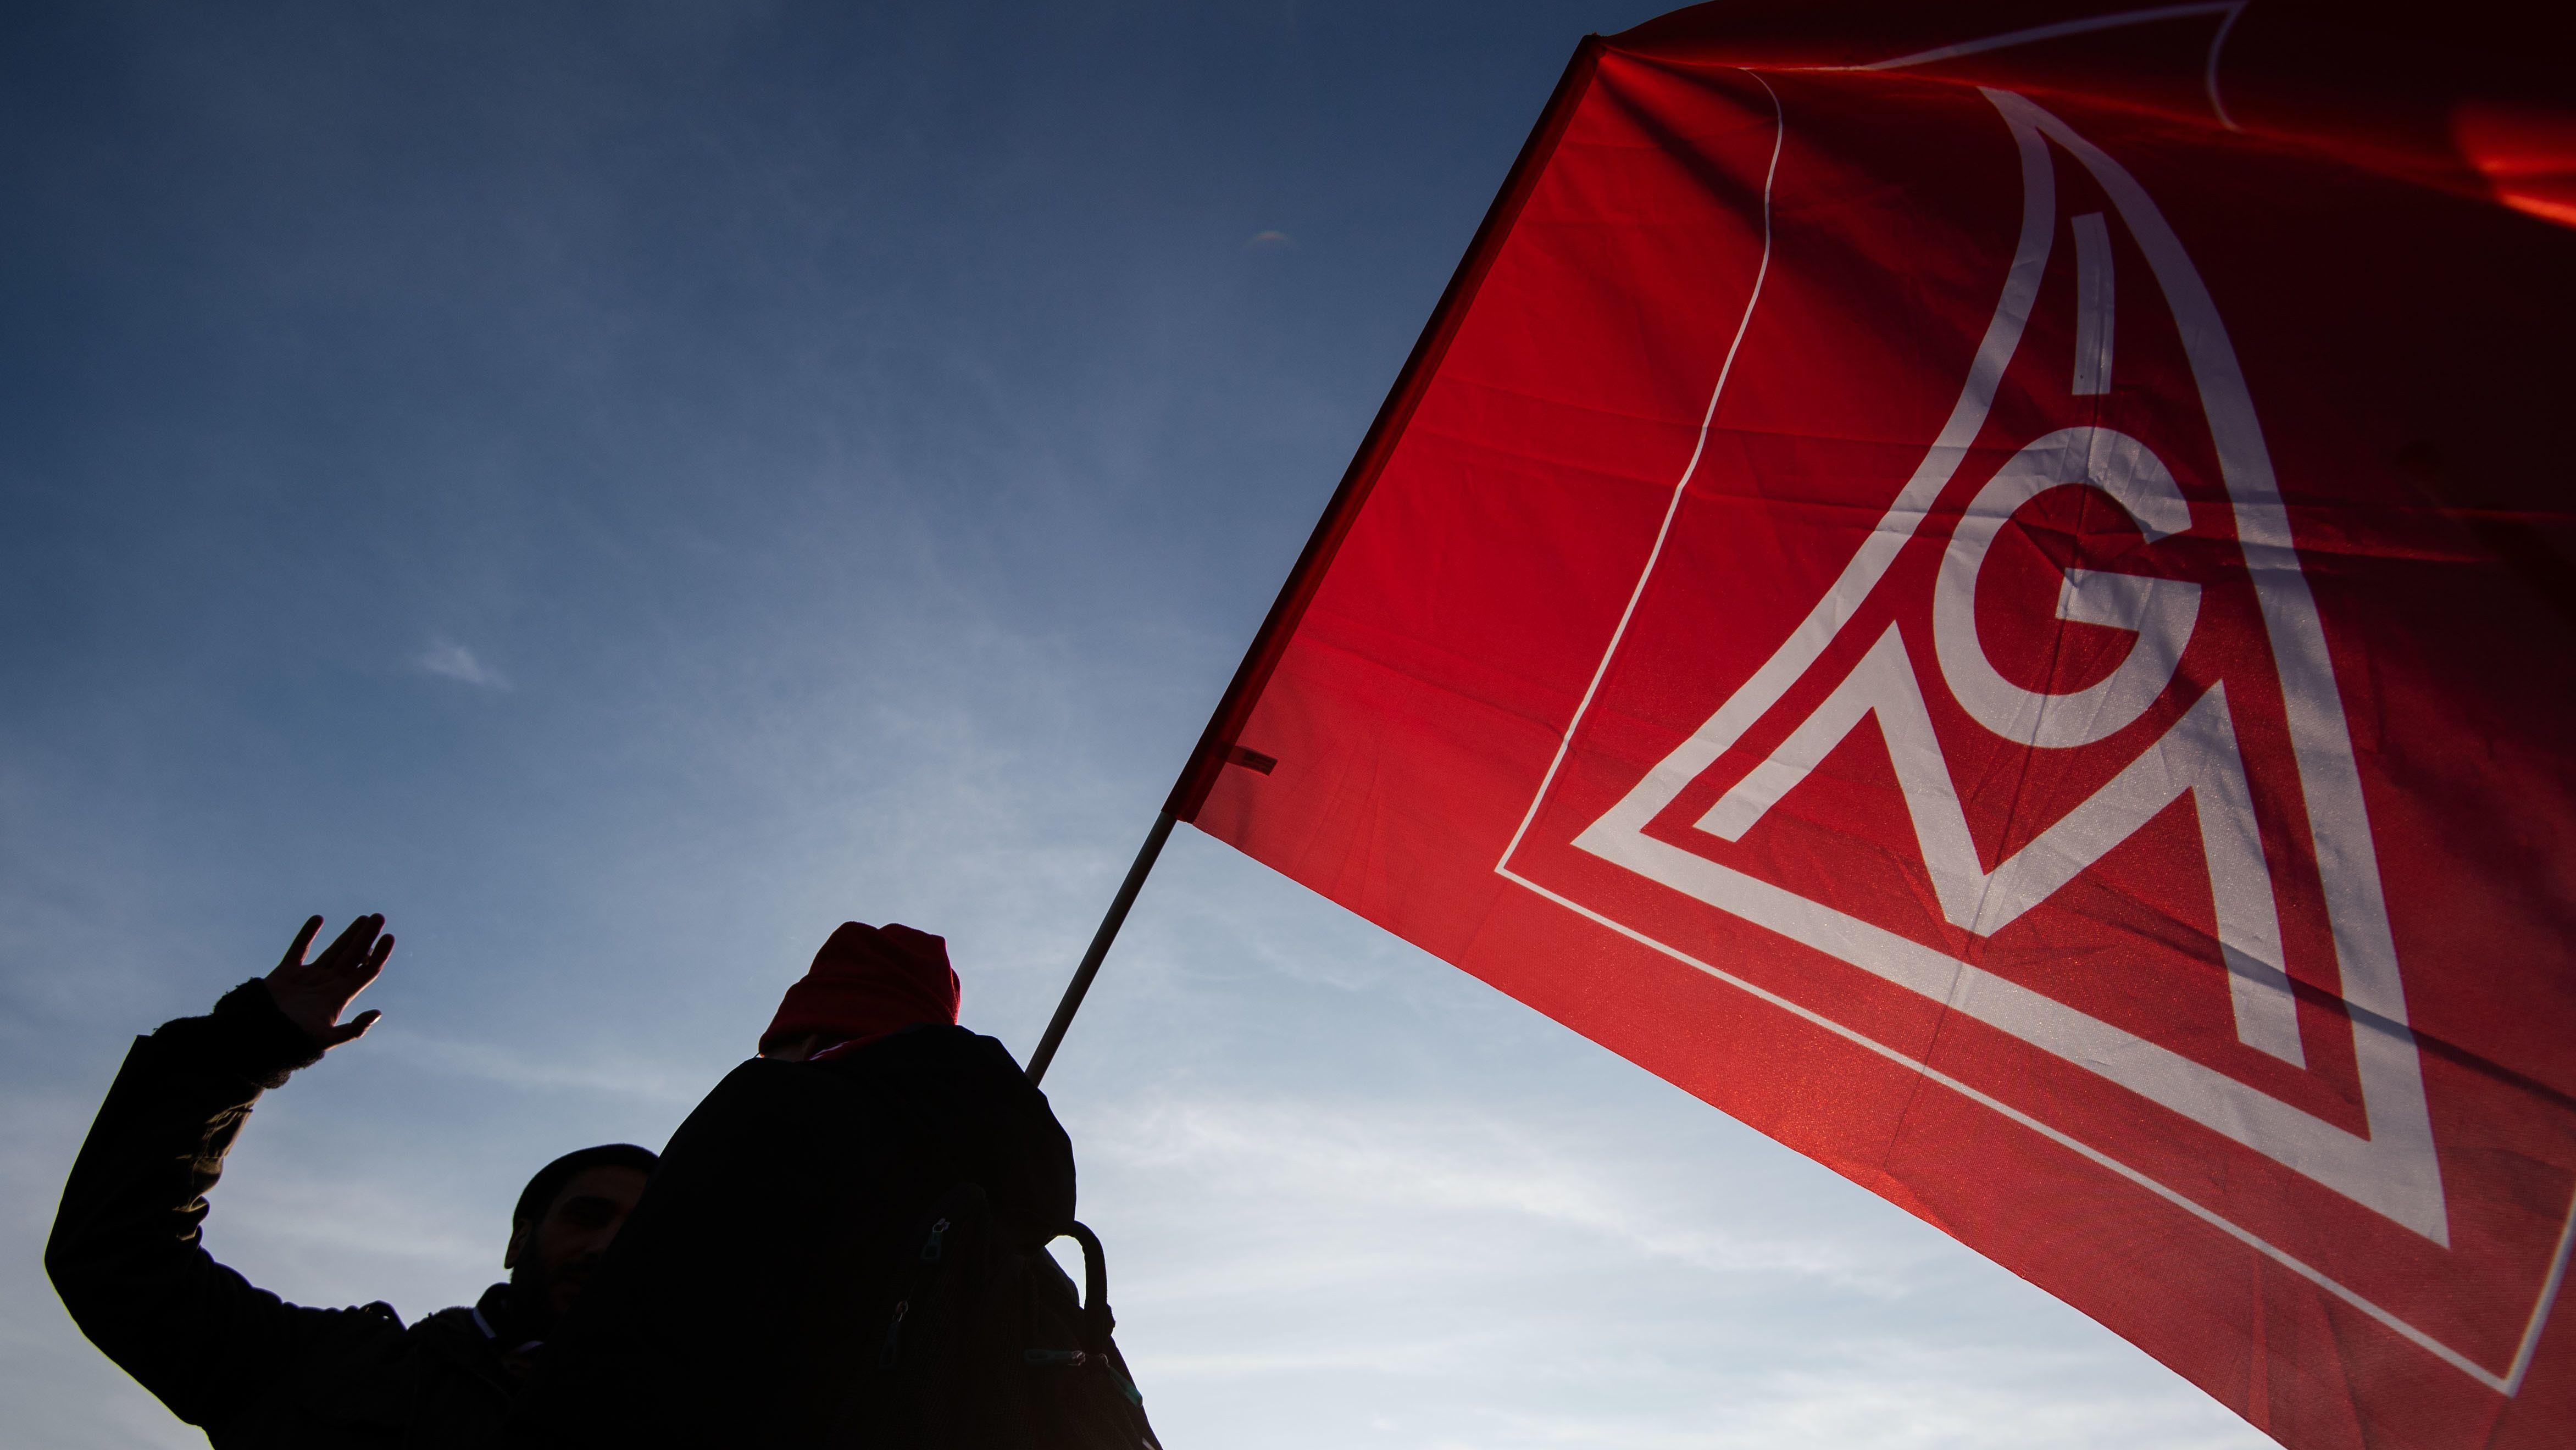 Fahne der IG-Metall